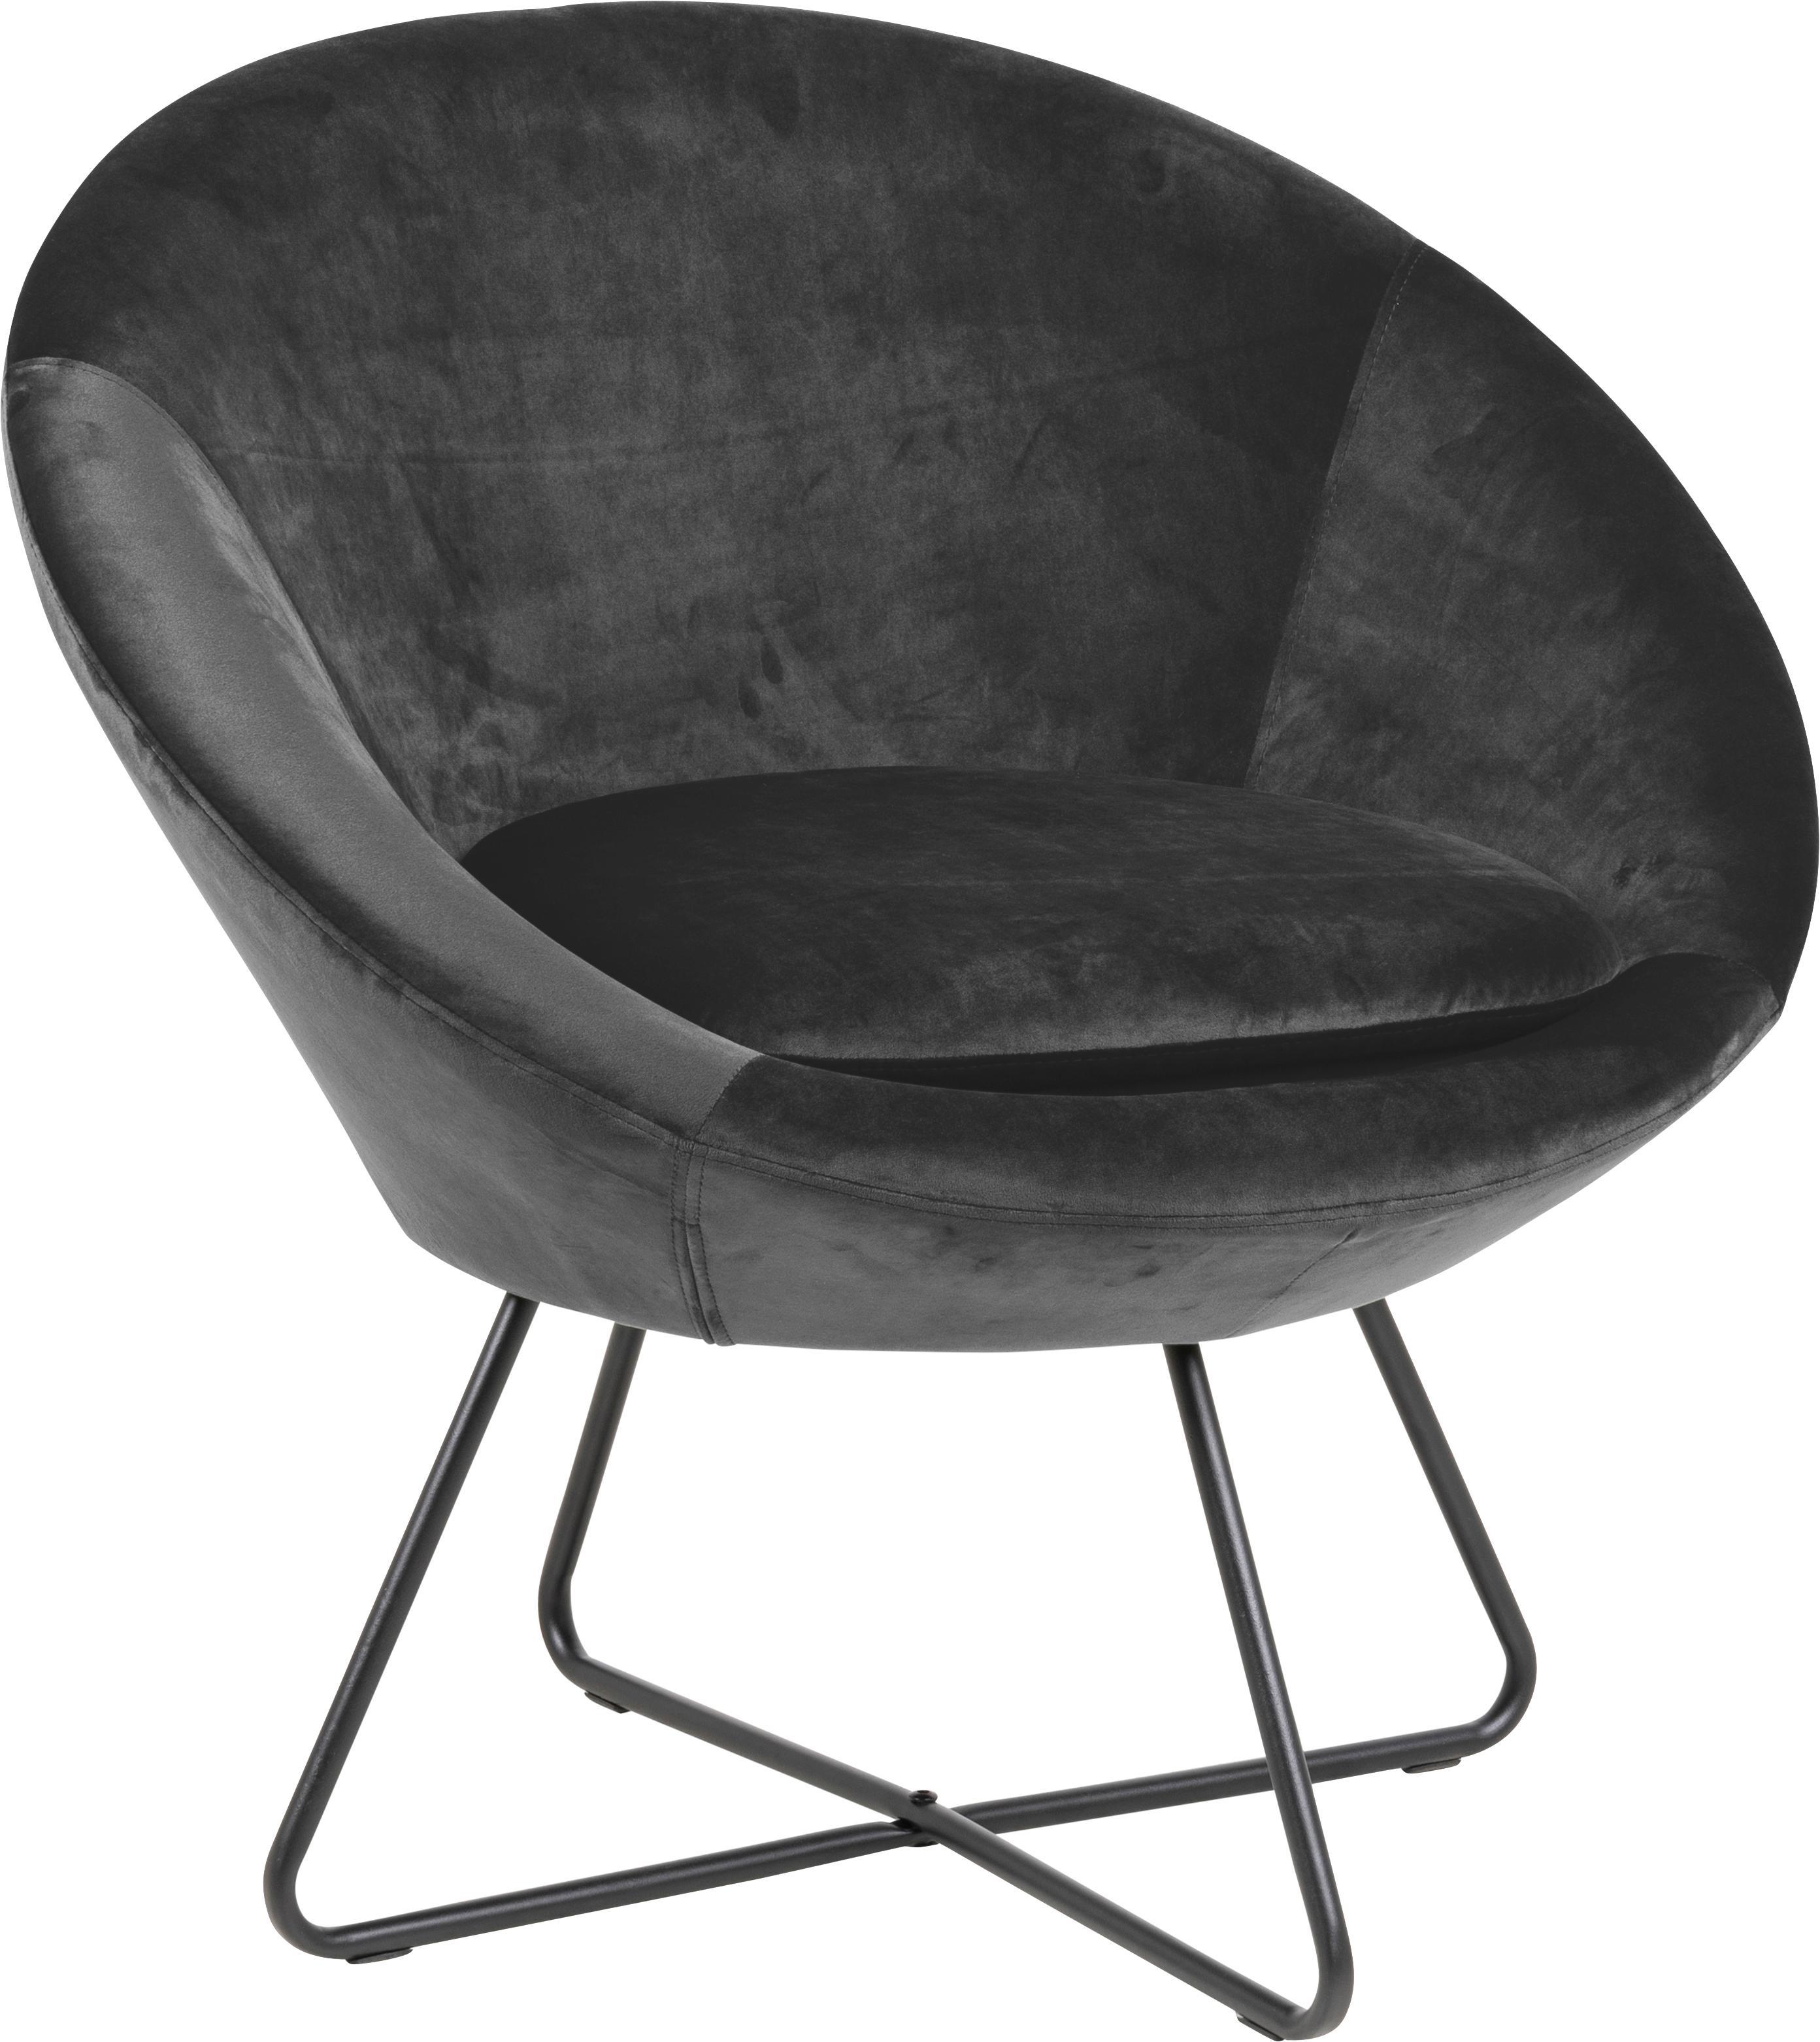 Sillón cóctel Center, Tapizado: terciopelo de poliéster 2, Estructura: metal con pintura en polv, Gris oscuro, negro, An 82 x F 71 cm